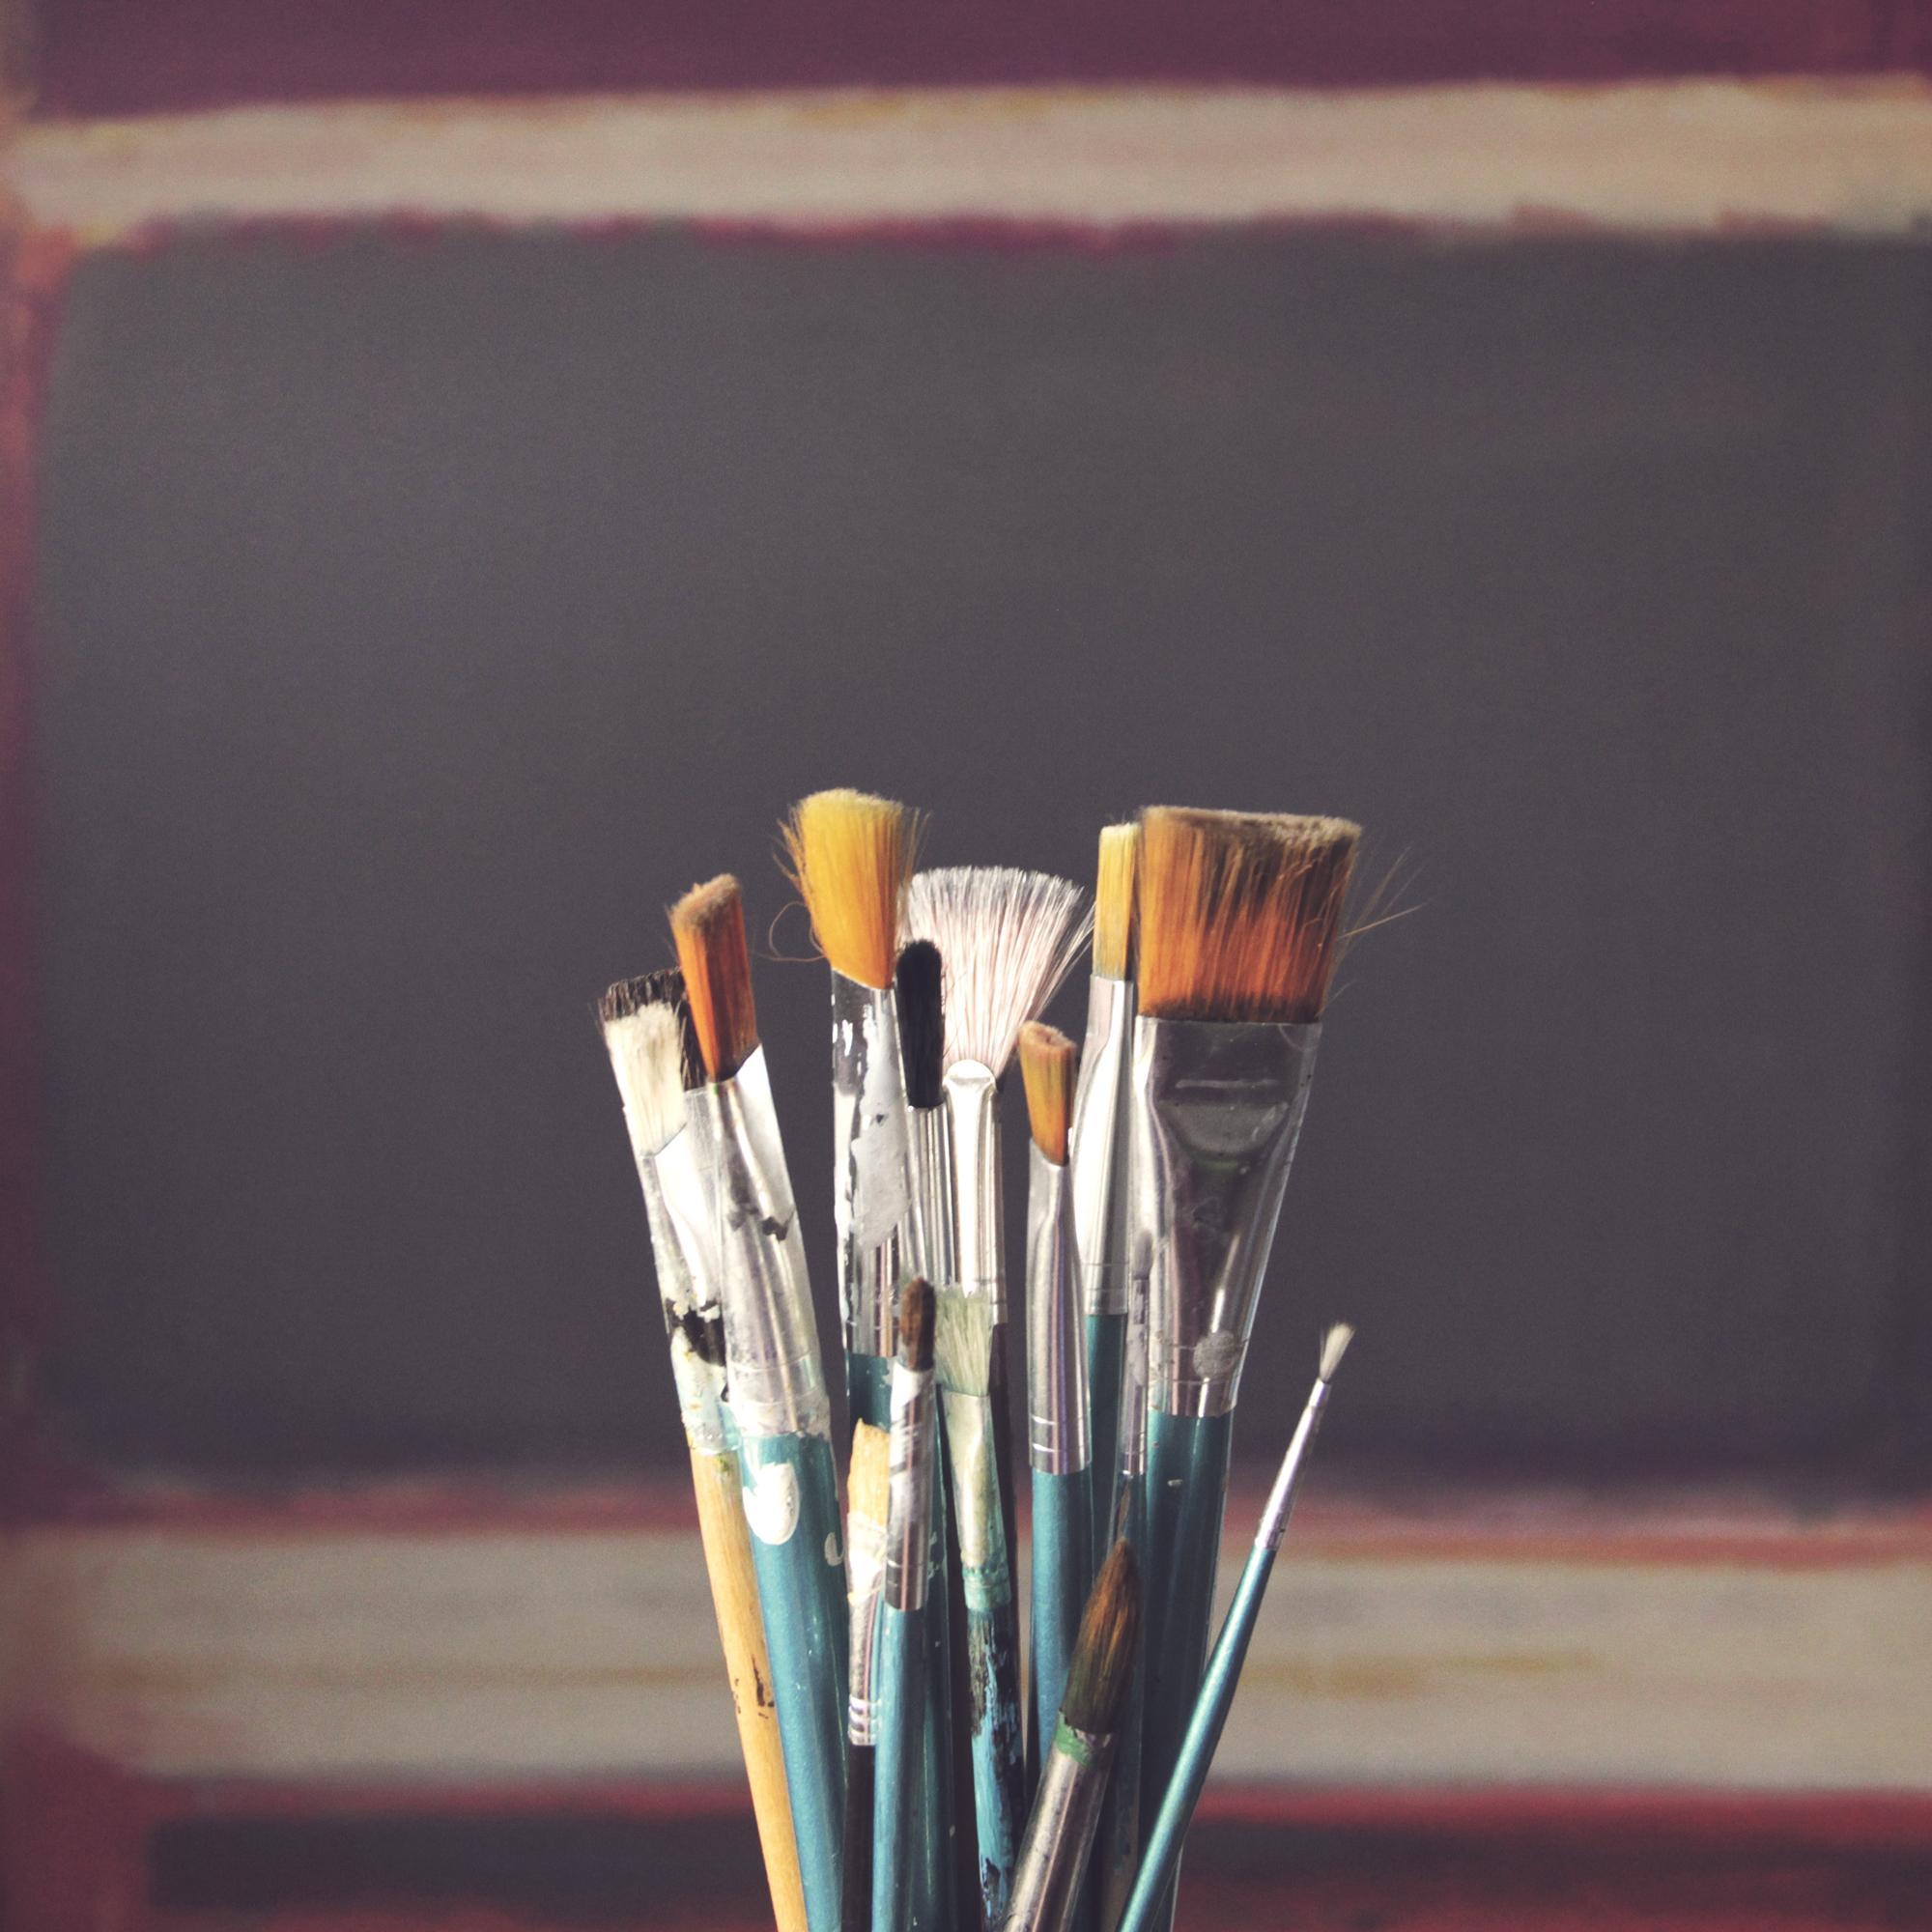 abstract-art-artist-262034.jpg